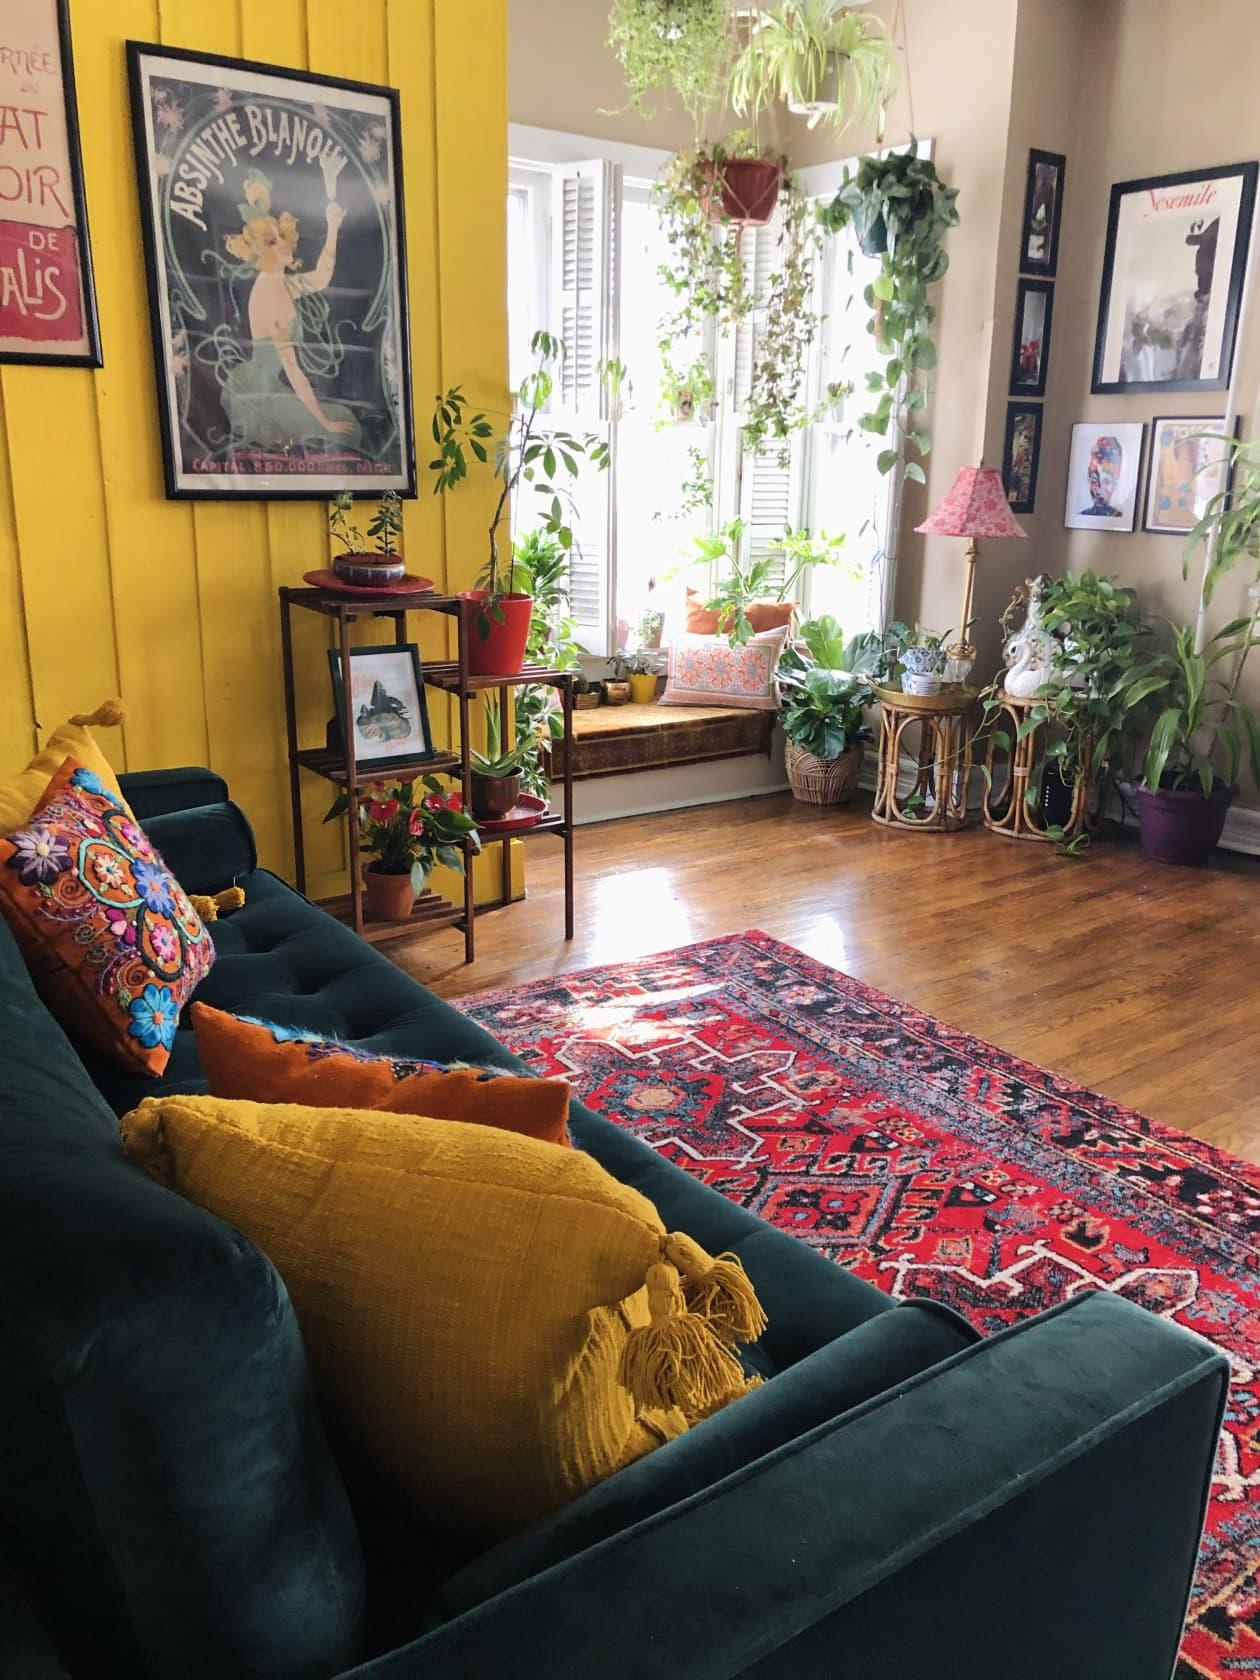 Thiết kế nhà nhỏ 60m2 theo xu hướng sống xanh, phòng khách rộng mênh mông nhờ bí quyết từ những cánh cửa - Ảnh 5.